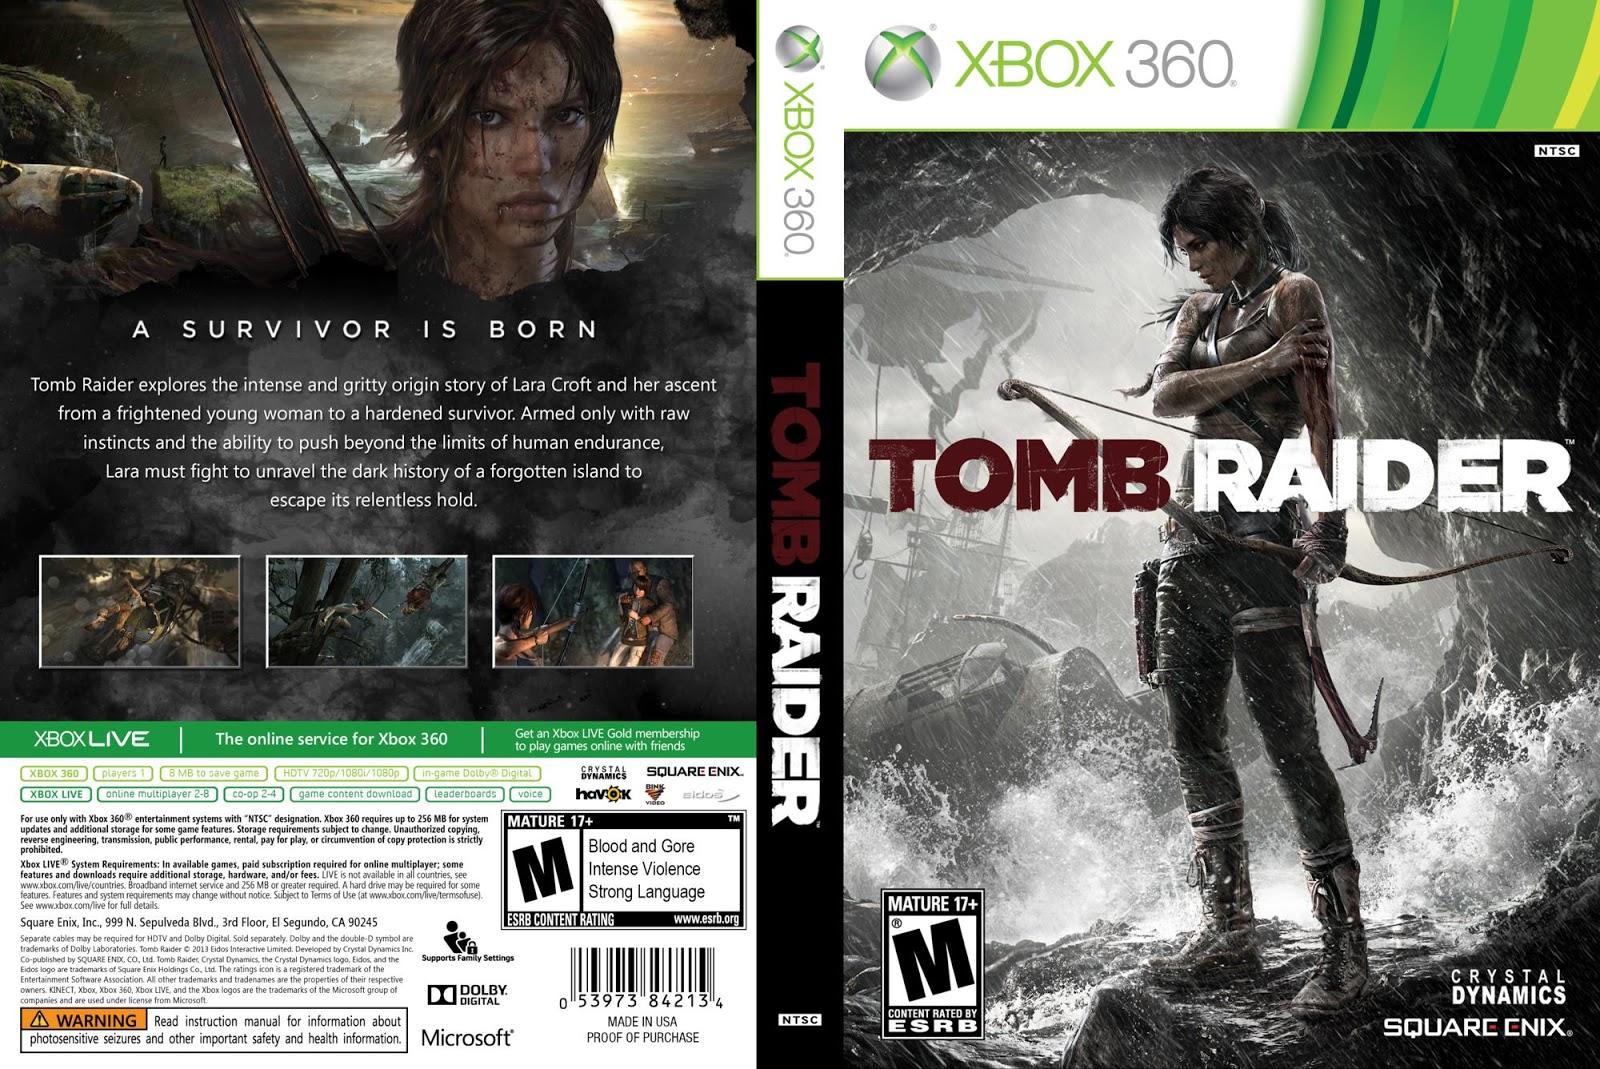 COVER'S AKI: TOMB RAIDER 2013 - XBOX360